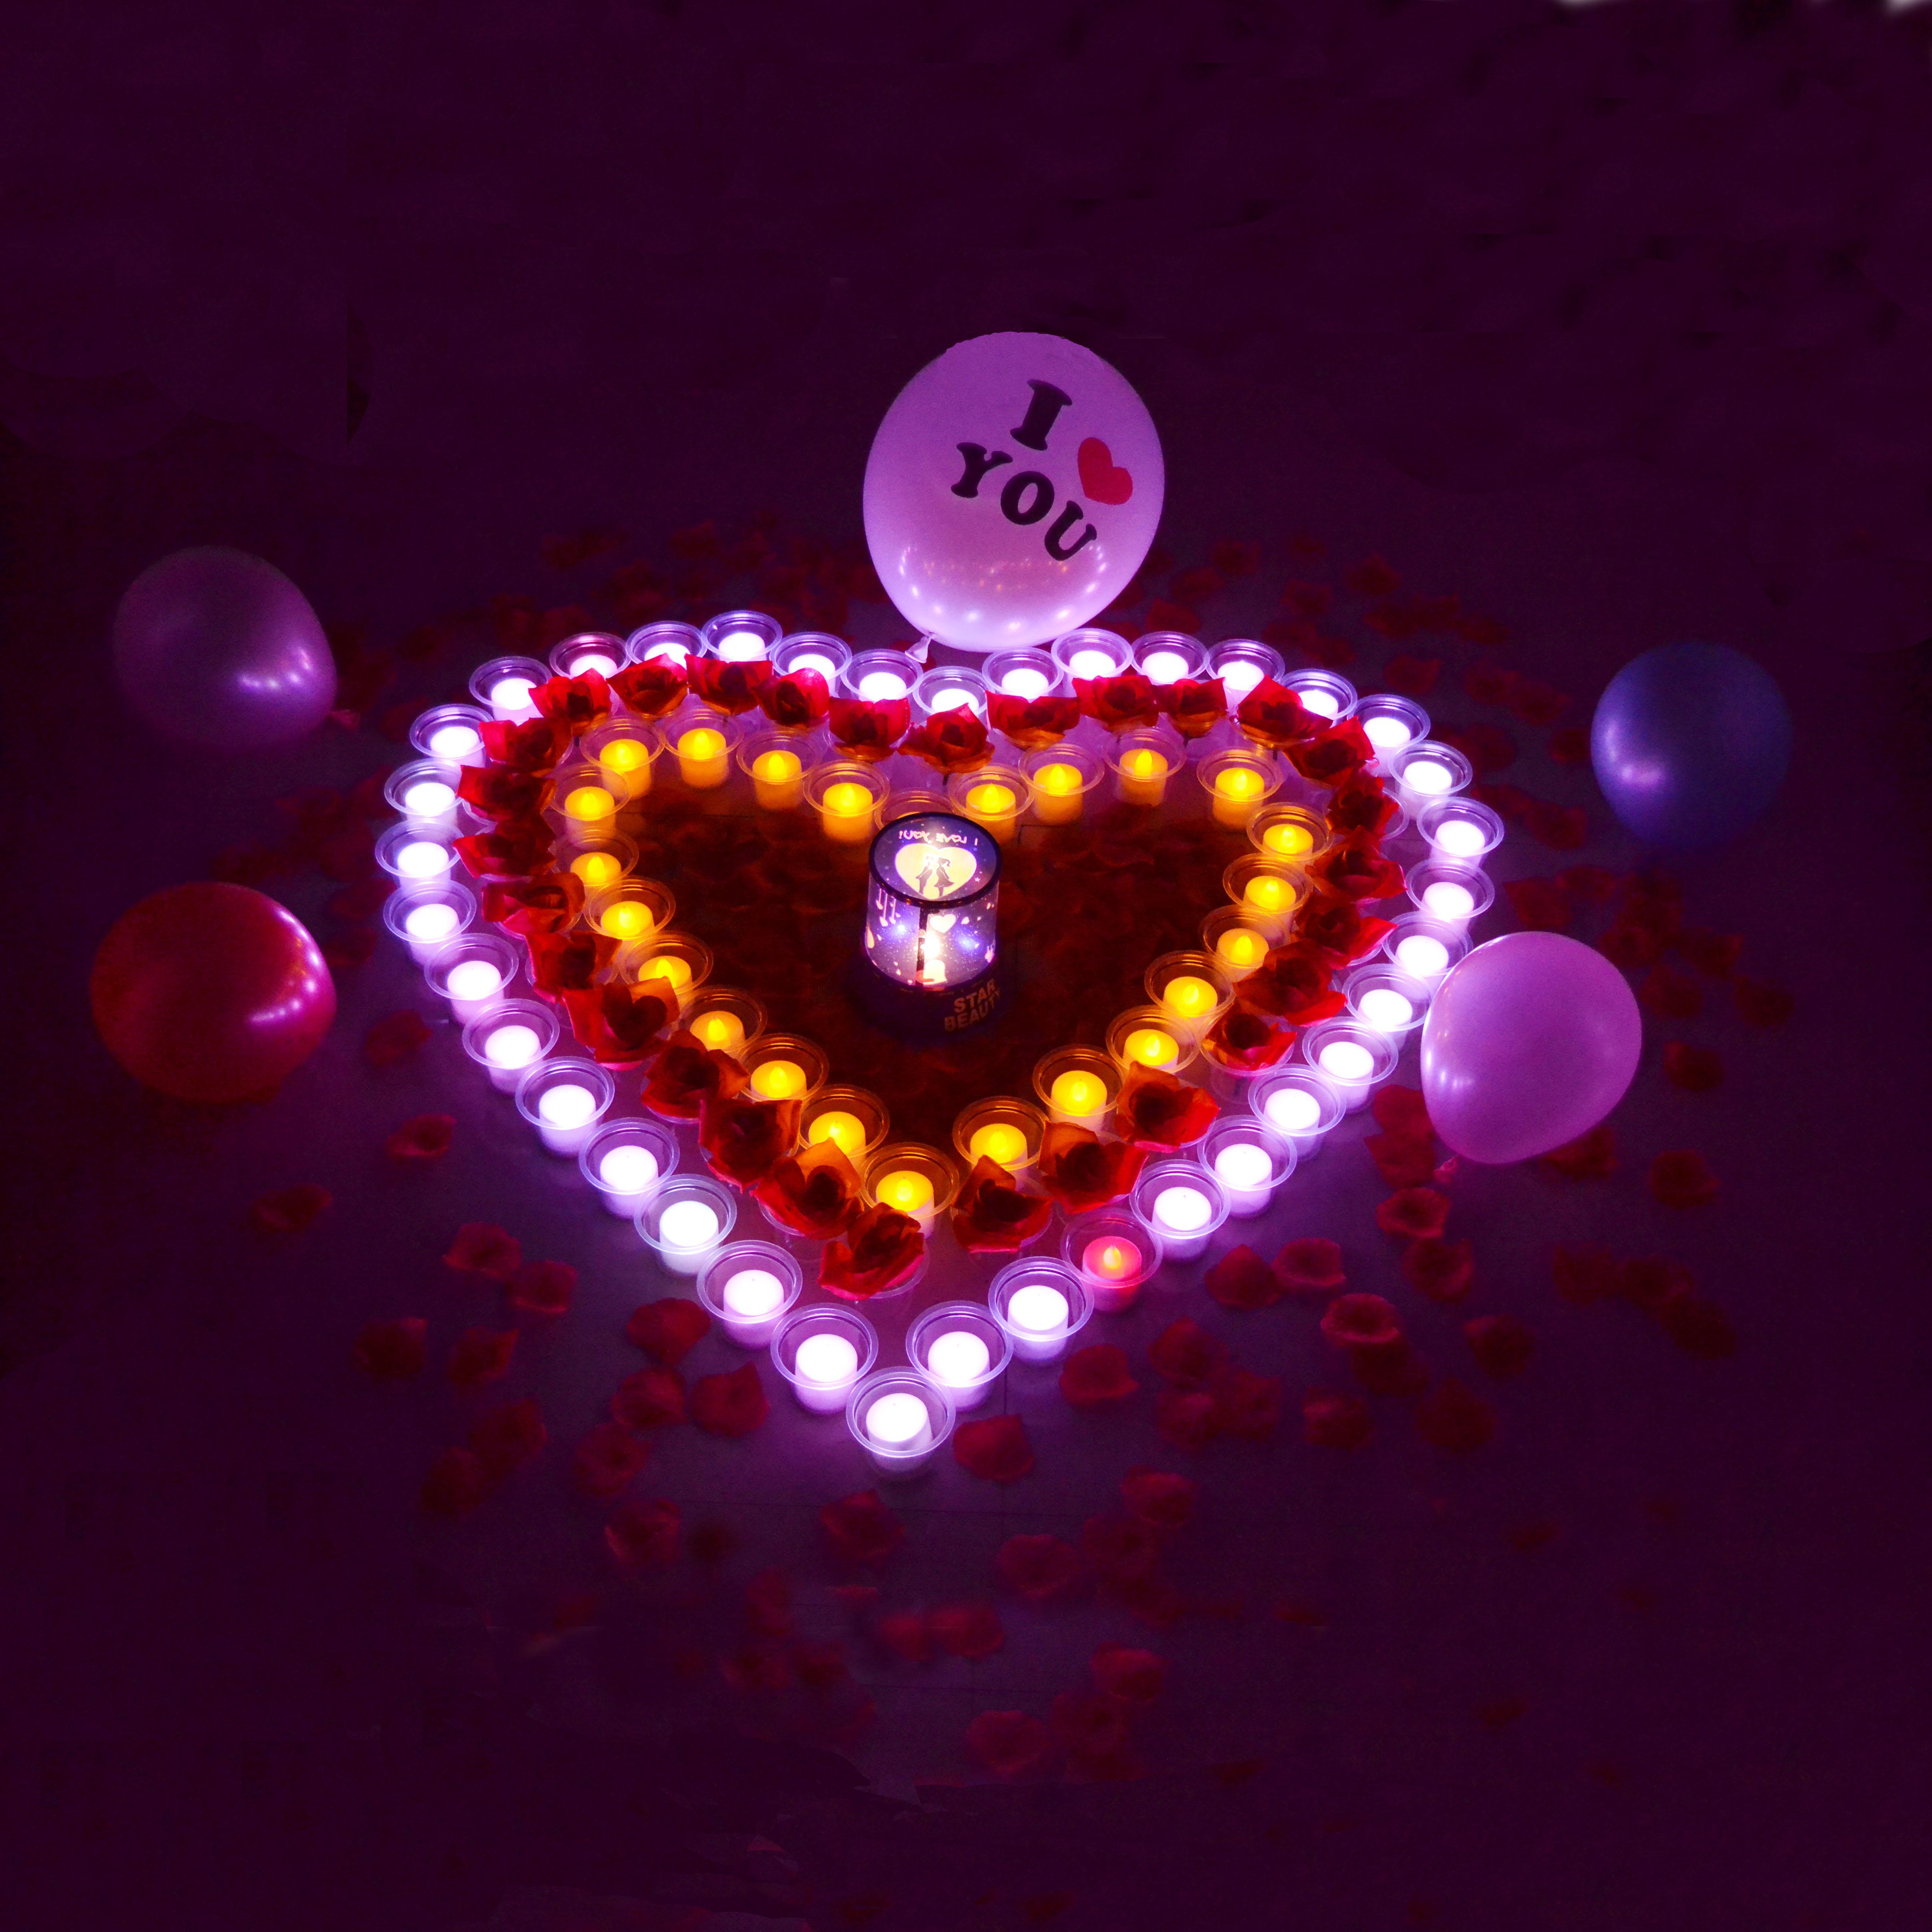 心形蜡烛浪漫套餐包邮 情人礼物 生日表白求婚遥控电子蜡烛灯批发商品图片